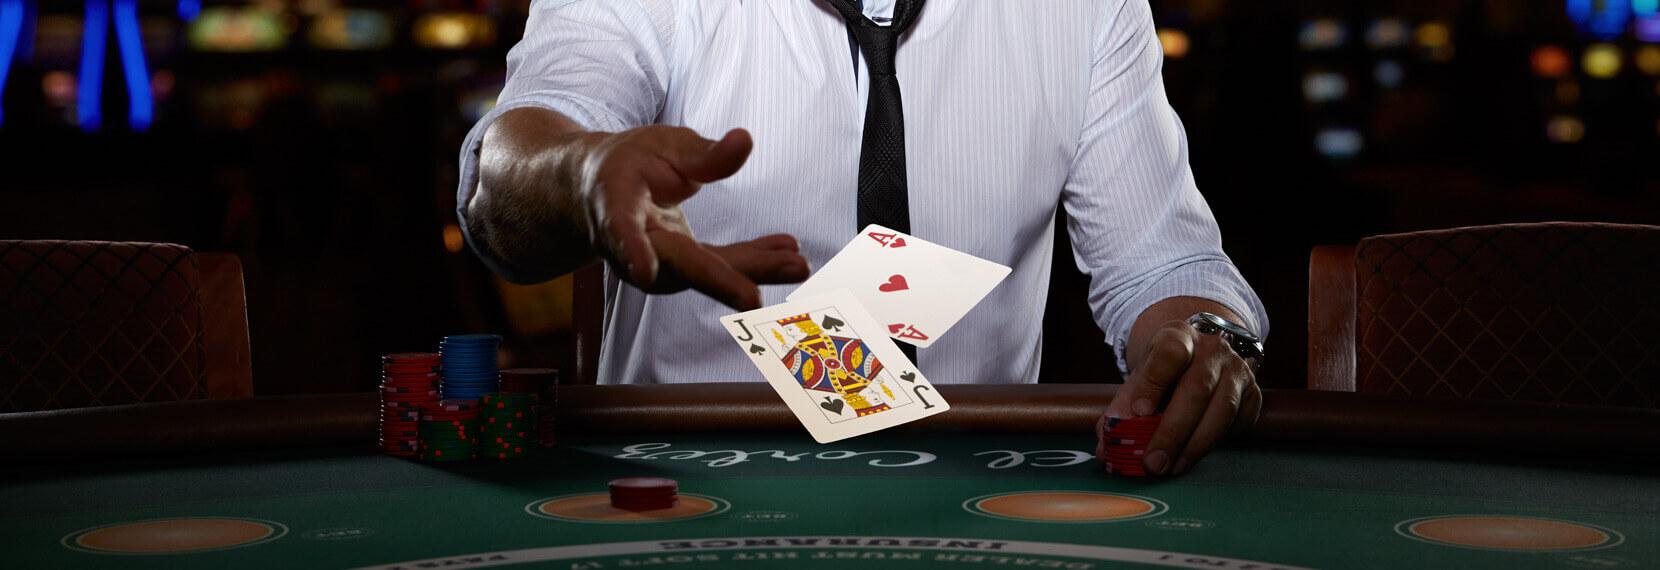 Blackjack : compter les cartes pour gagner à tous les coups